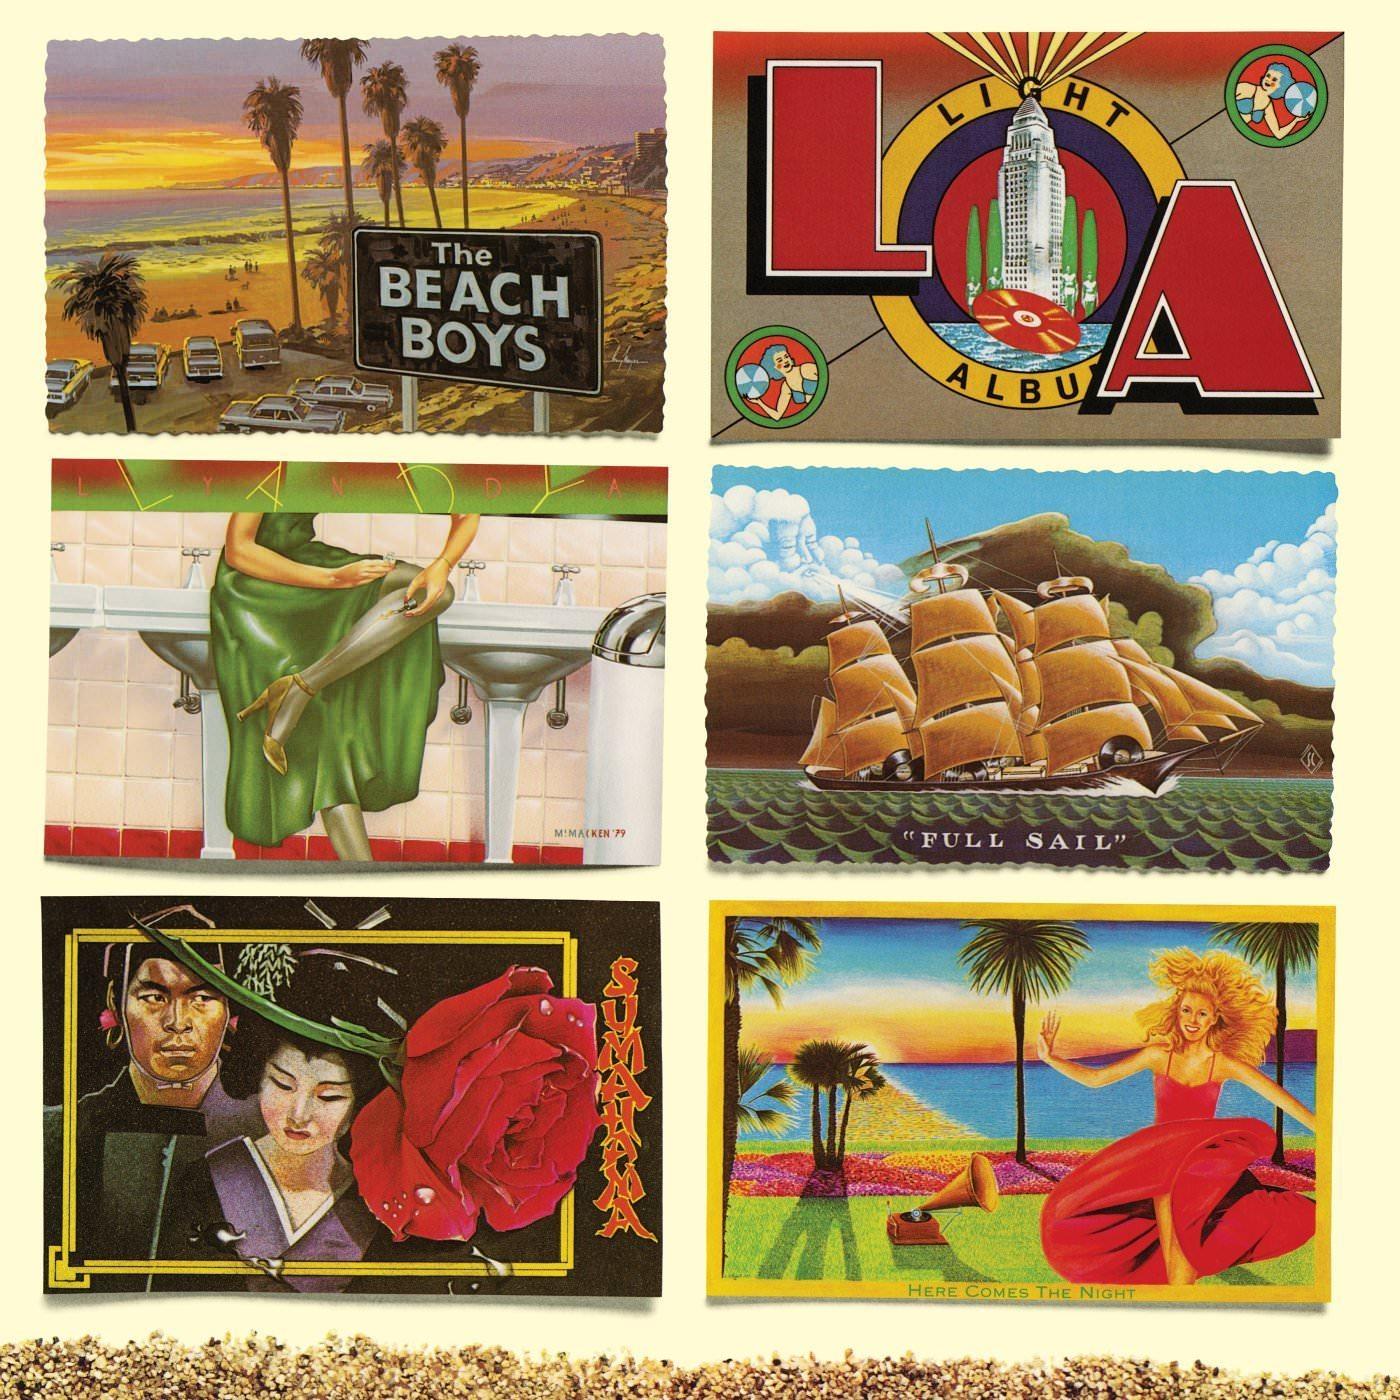 L.A. (Light Album) cover